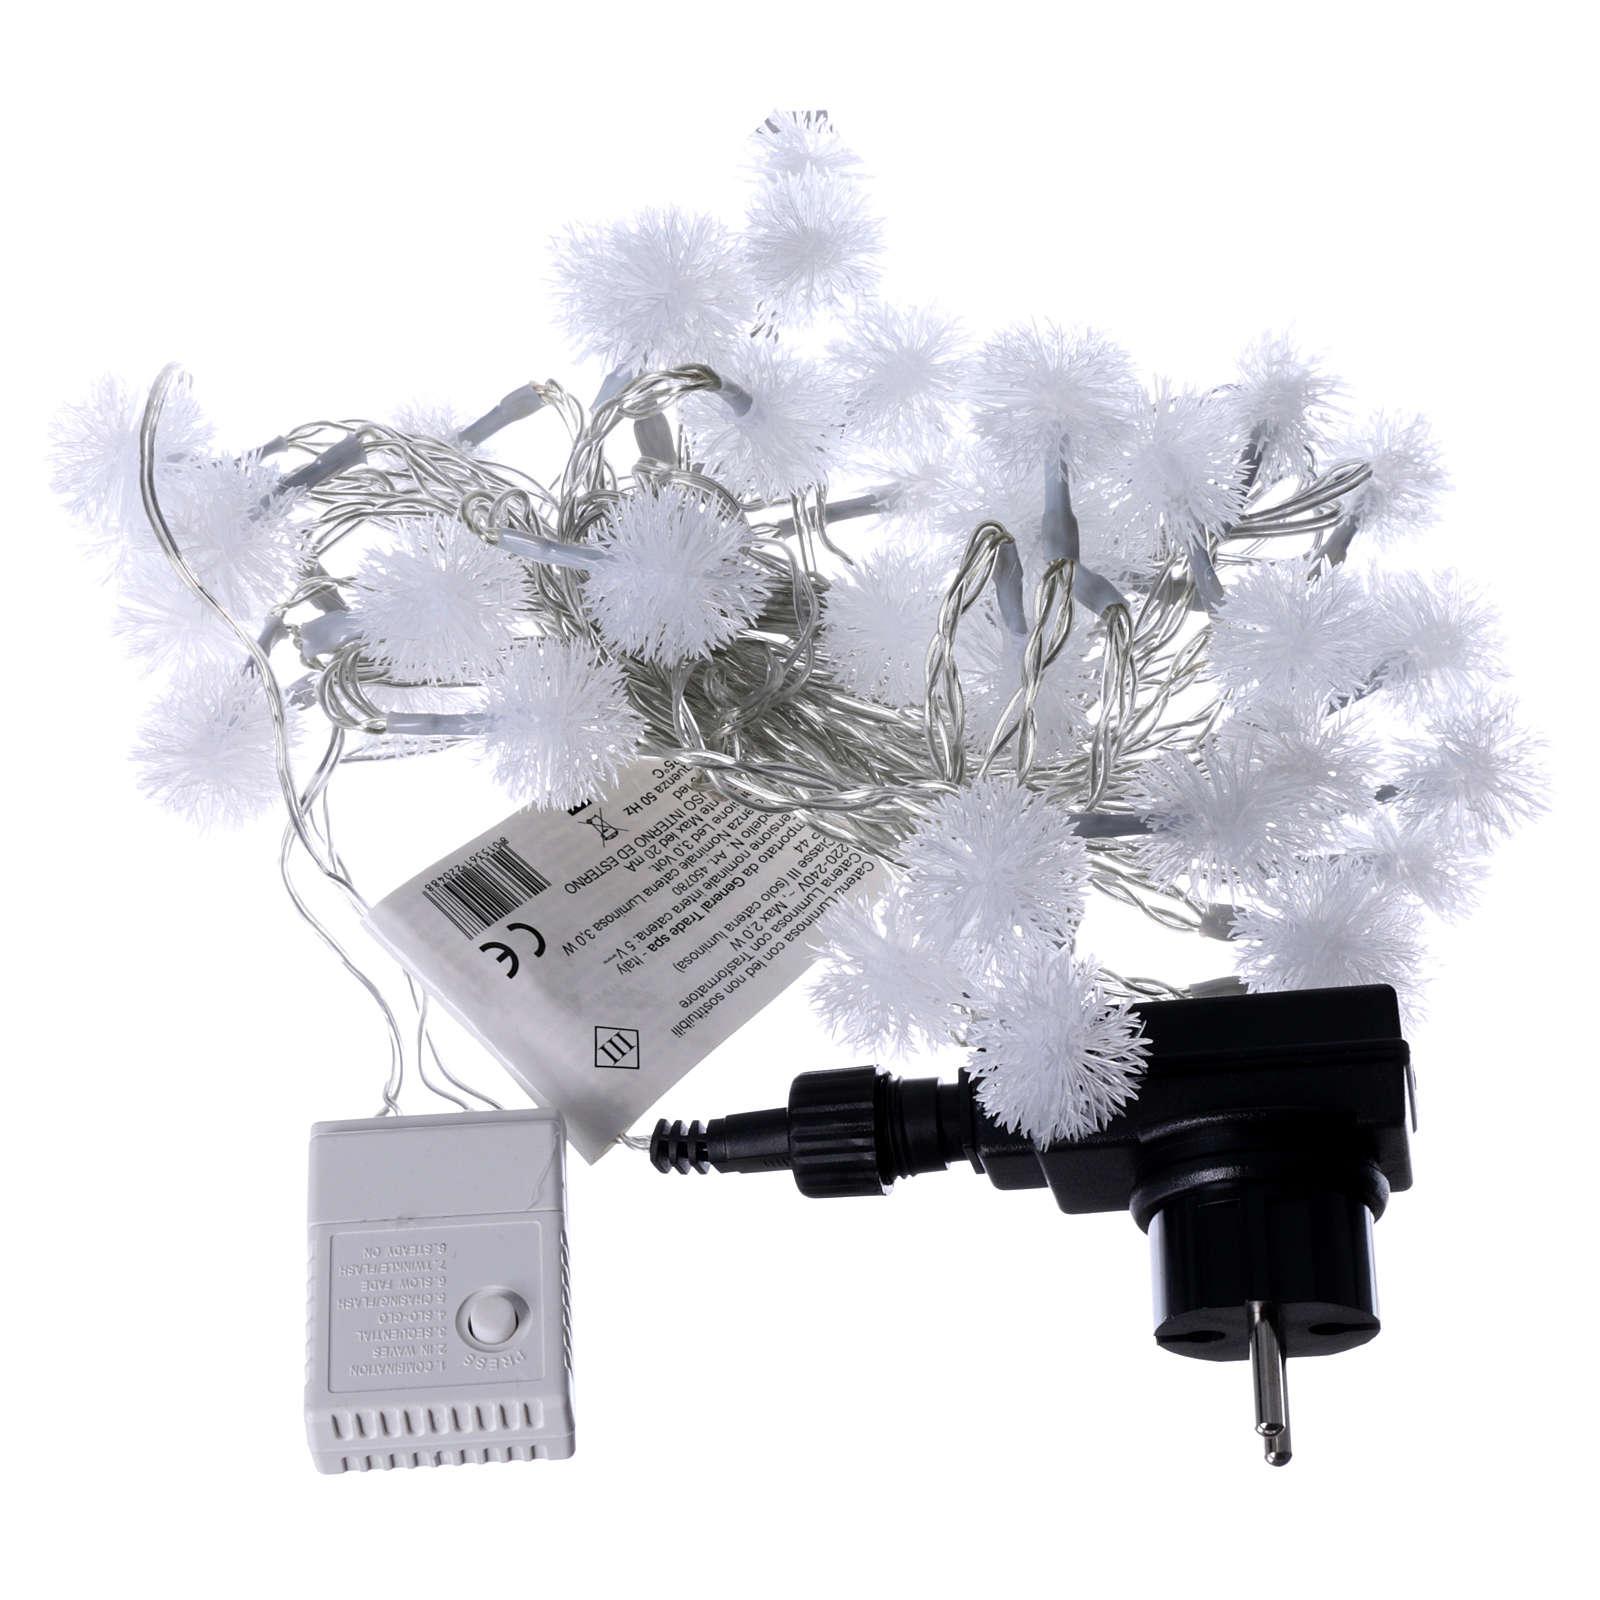 Catena di Natale fiocco di neve 40 LED  multicolor programmabili corrente 3